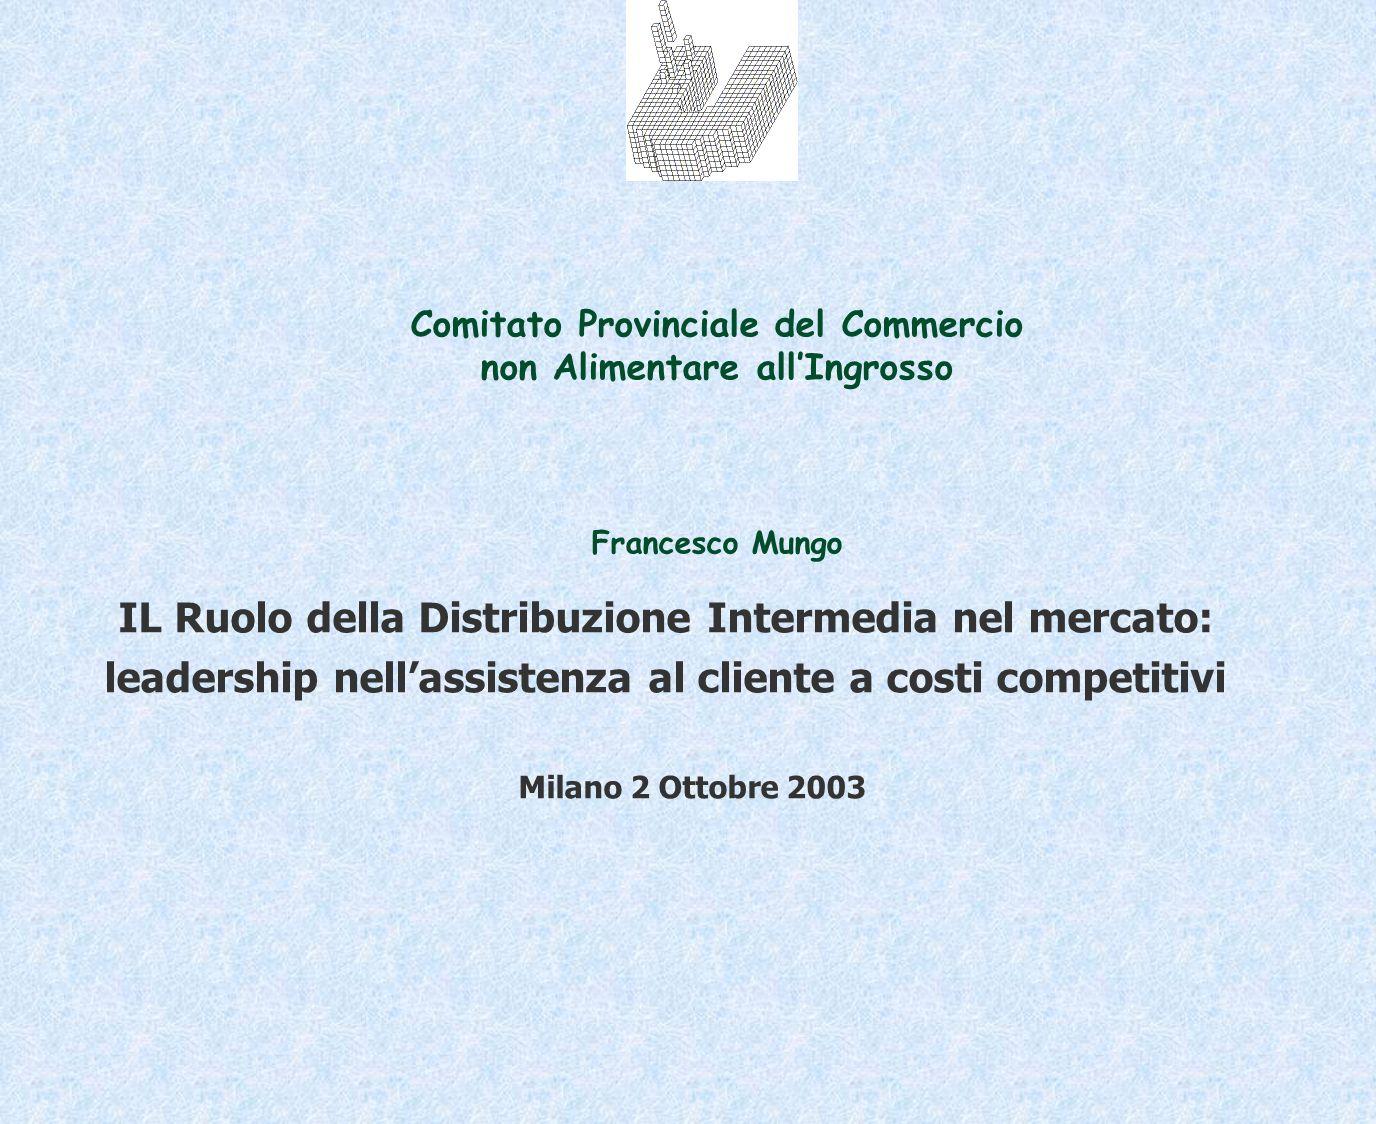 IL Ruolo della Distribuzione Intermedia nel mercato: leadership nellassistenza al cliente a costi competitivi Milano 2 Ottobre 2003 Comitato Provincia